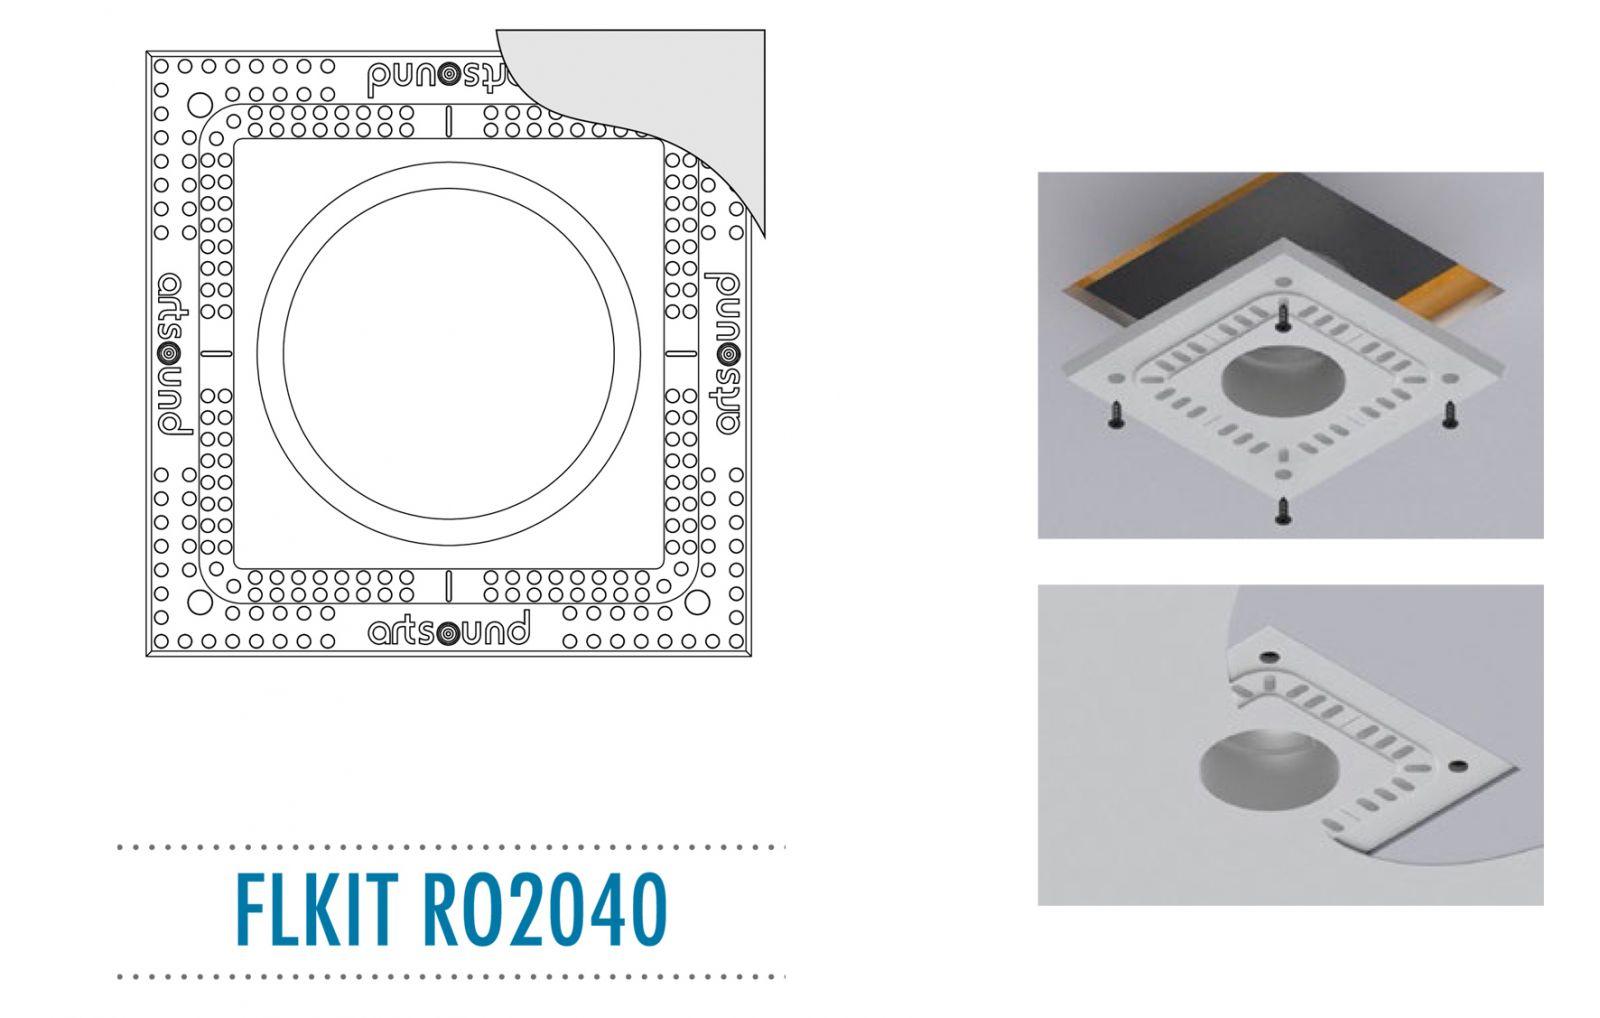 FLKIT RO2040